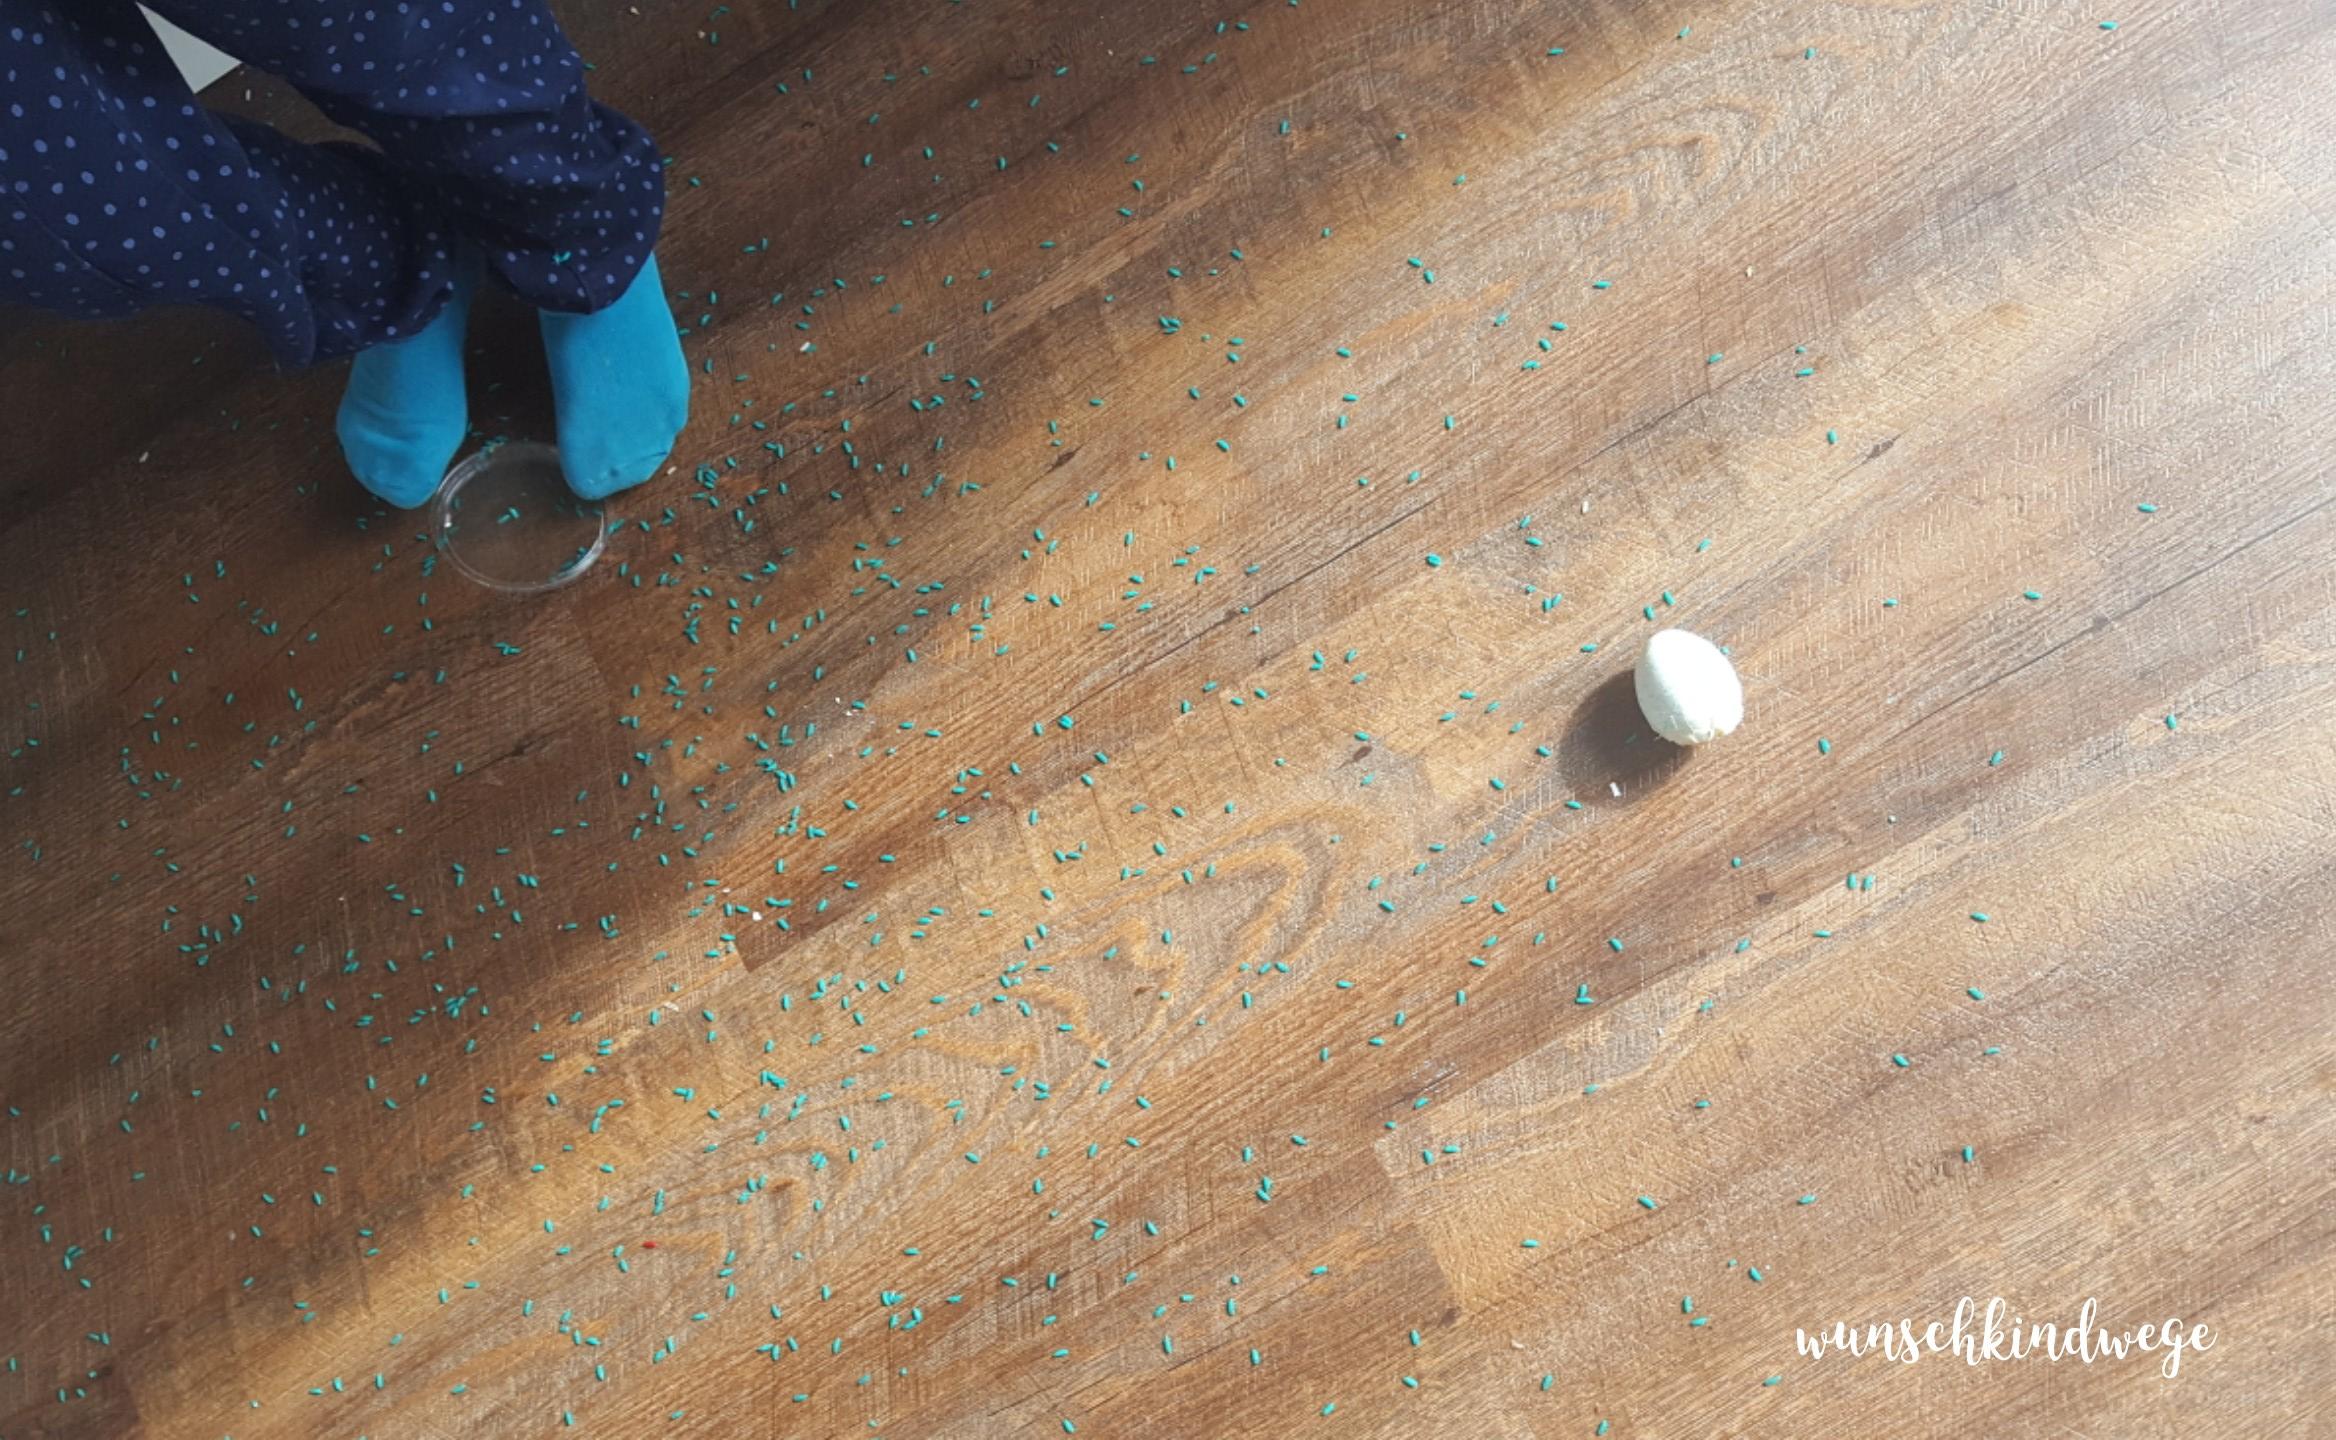 Osterwochenende in Bildern: Reis und Ei auf dem Boden